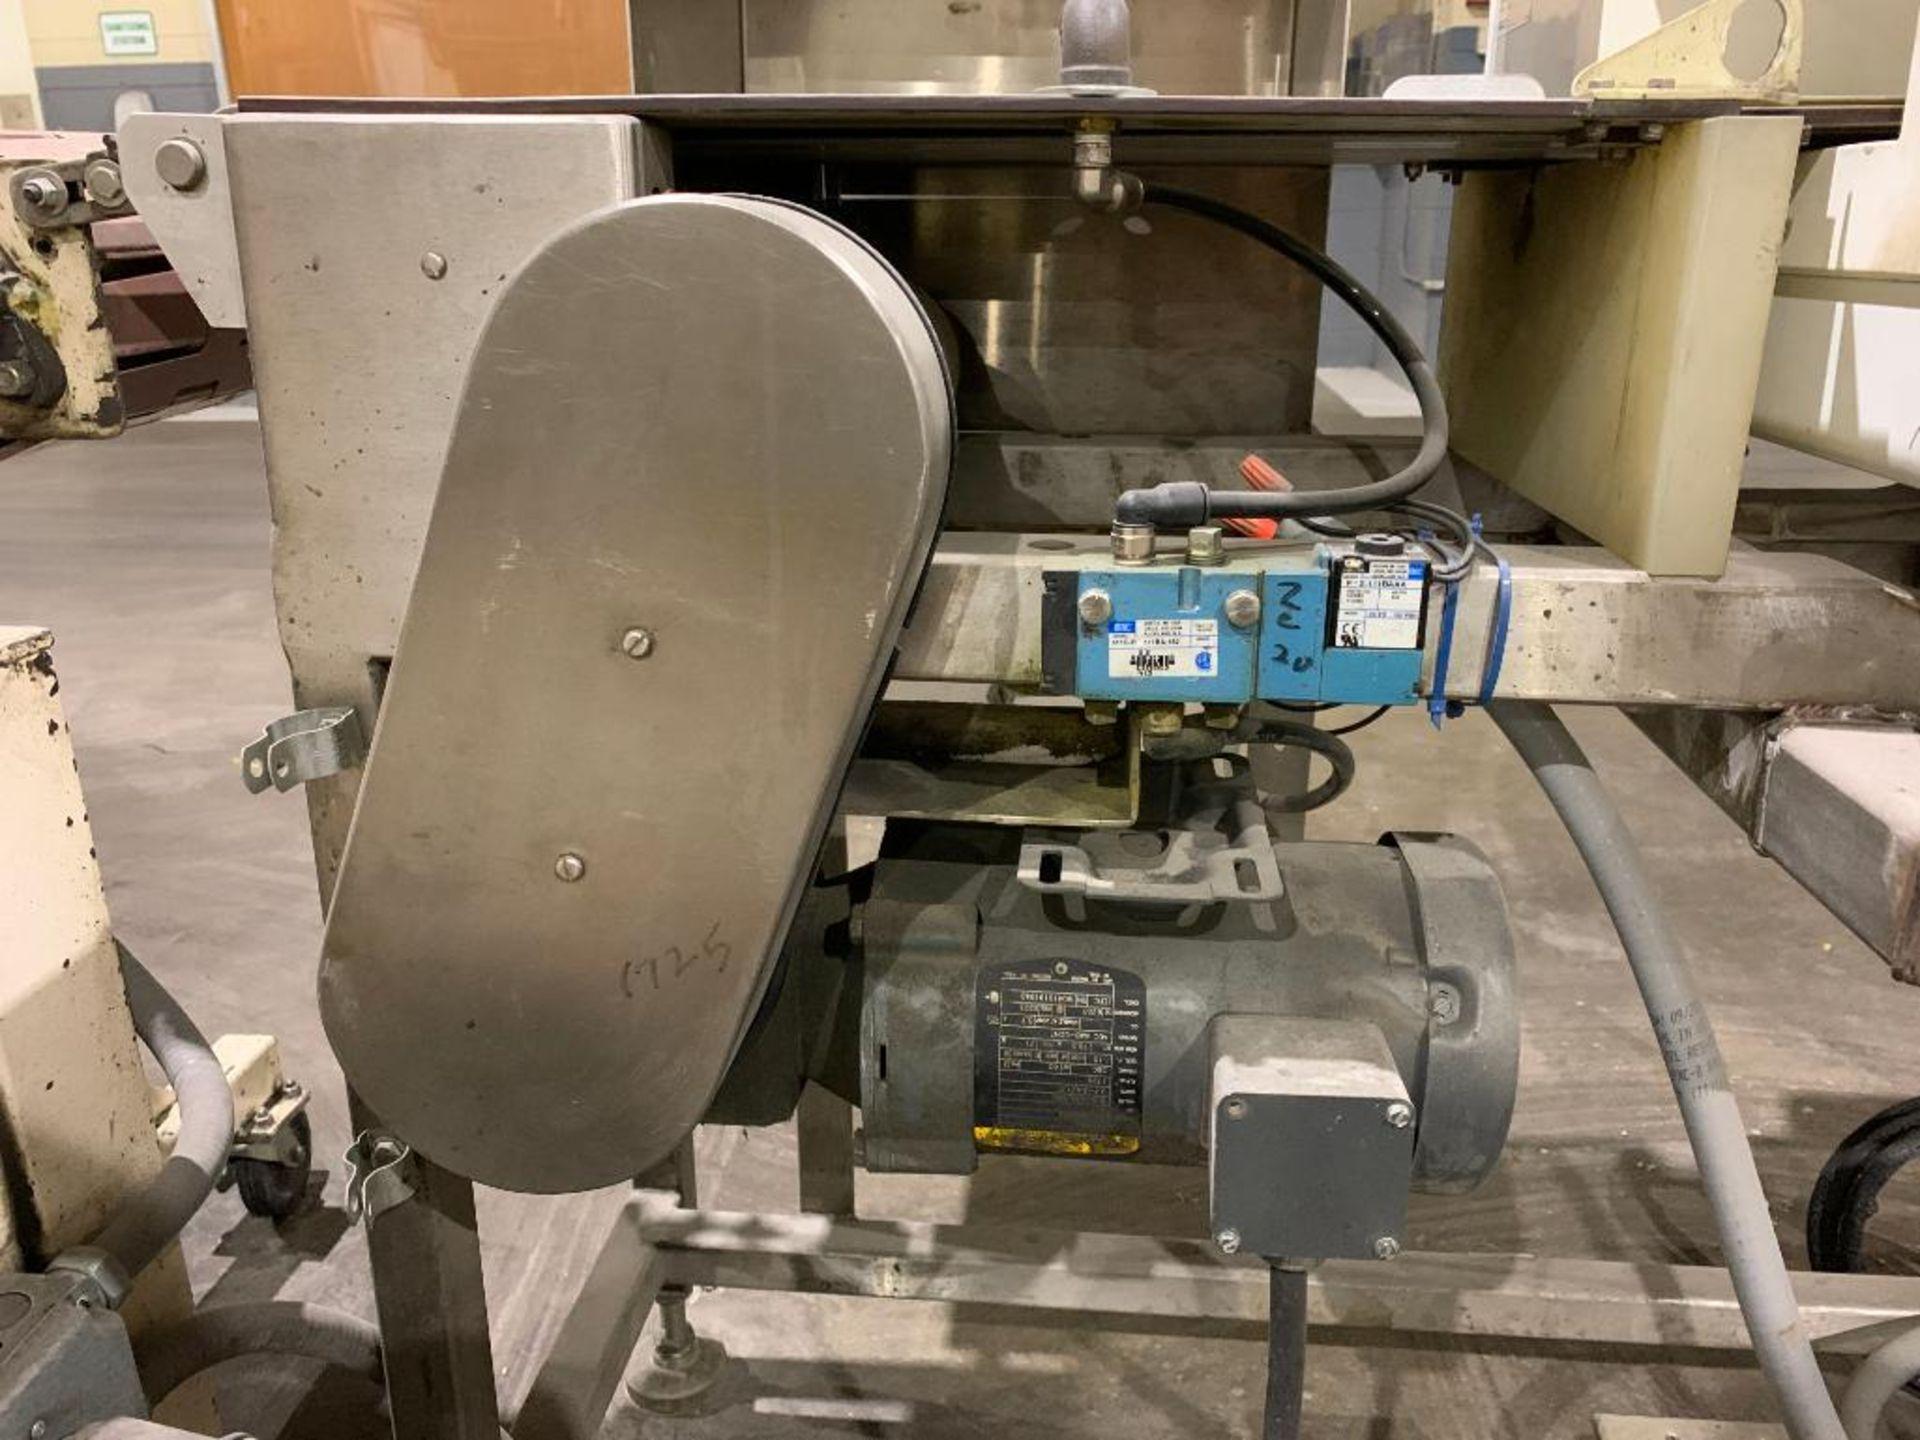 Mettler Toledo metal detector - Image 2 of 24